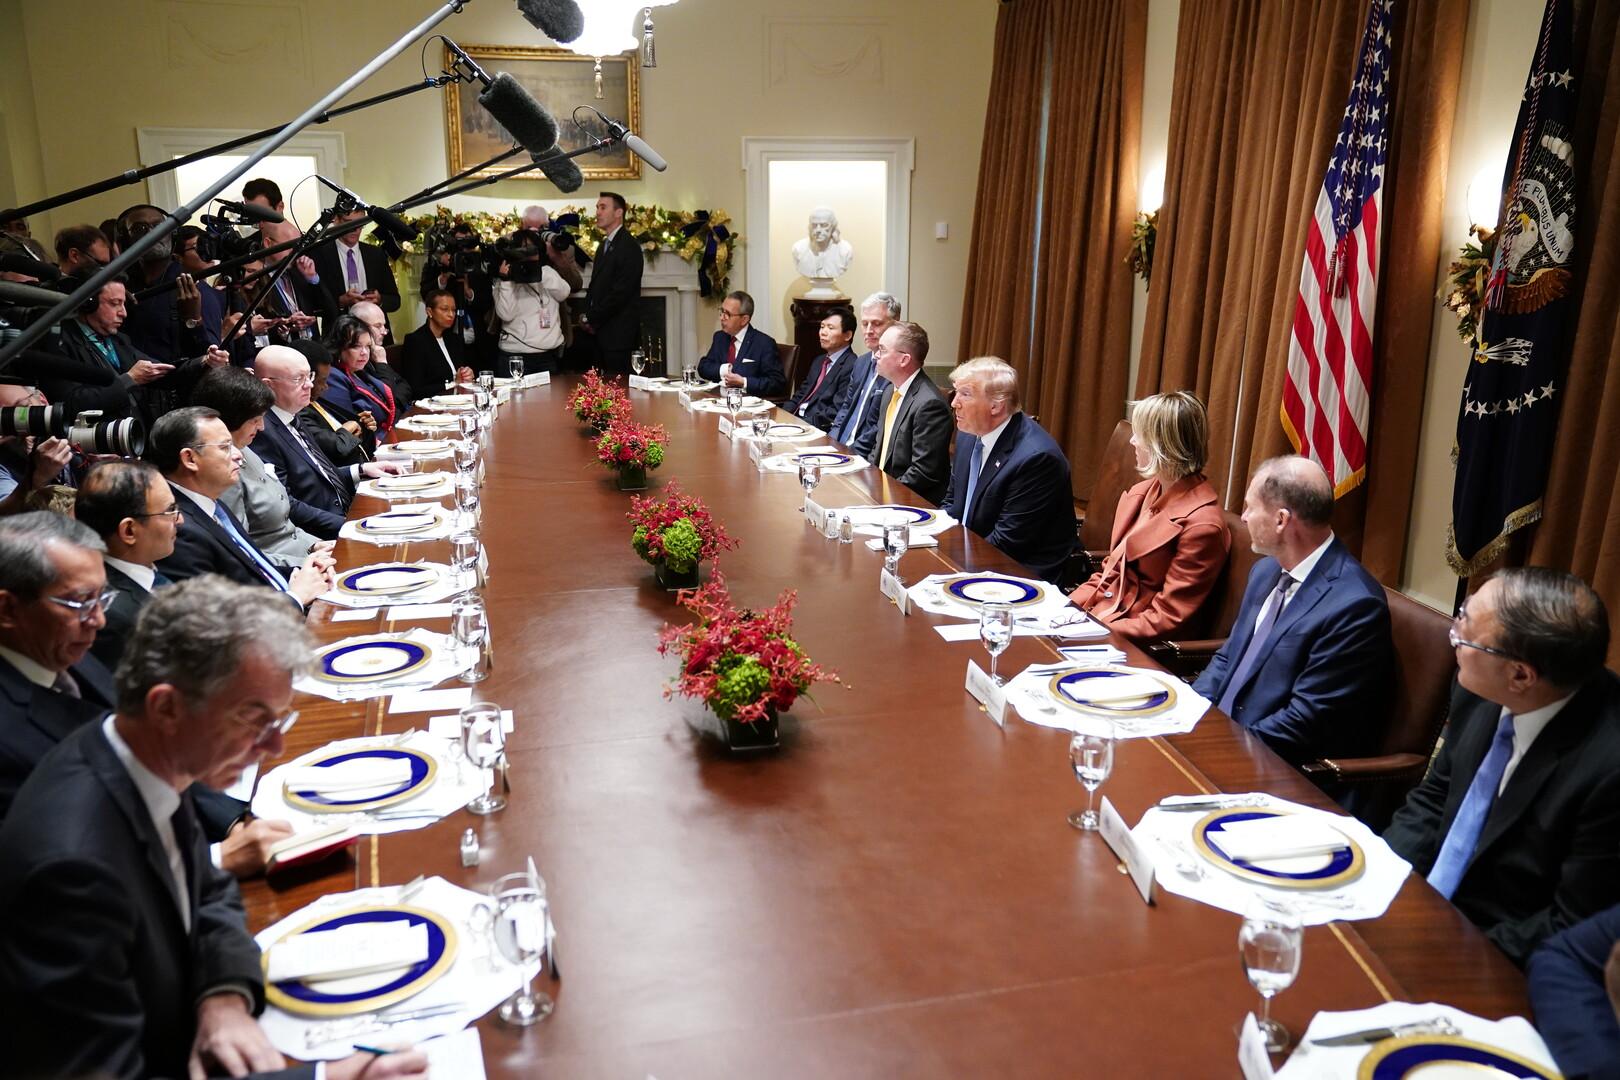 اجتماع للرئيس الأمريكي، دونالد ترامب، مع سفراء الدول الأعضاء في مجلس الأمن الدولي (البيت الأبيض، 5 ديسمبر 2019)